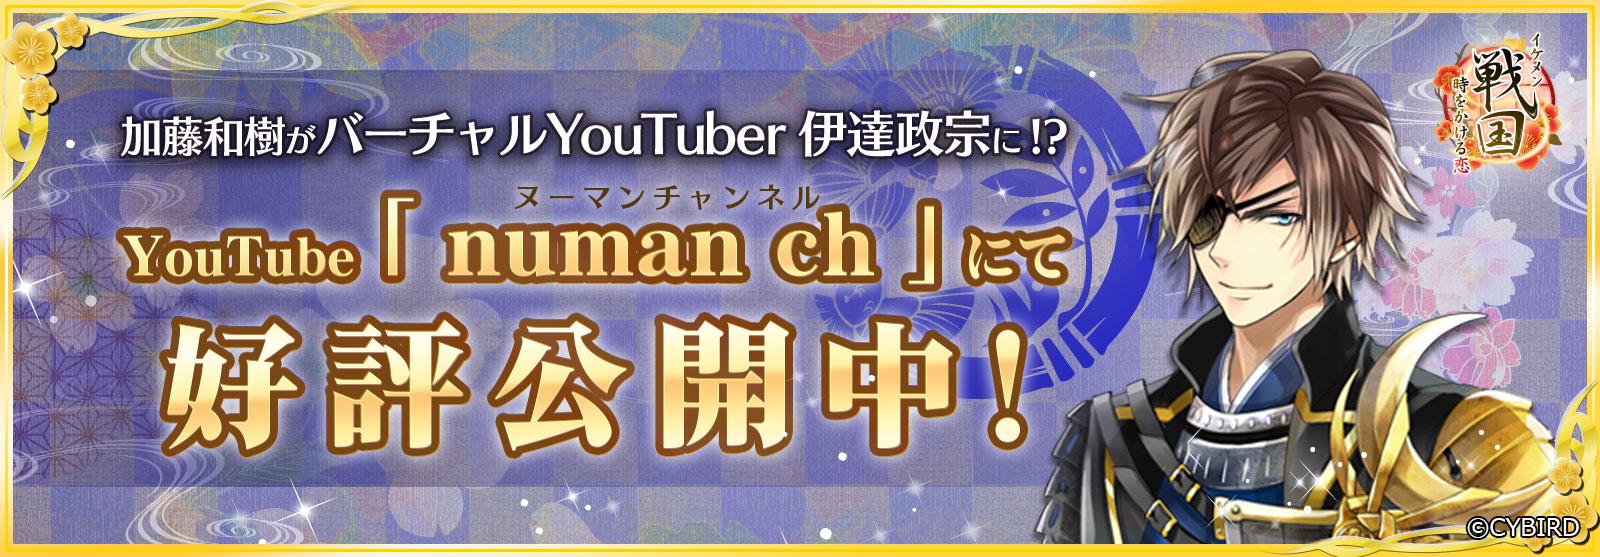 加藤和樹がバーチャルYouTuber 伊達政宗に!?YouTube「numan ch」にて好評公開中!